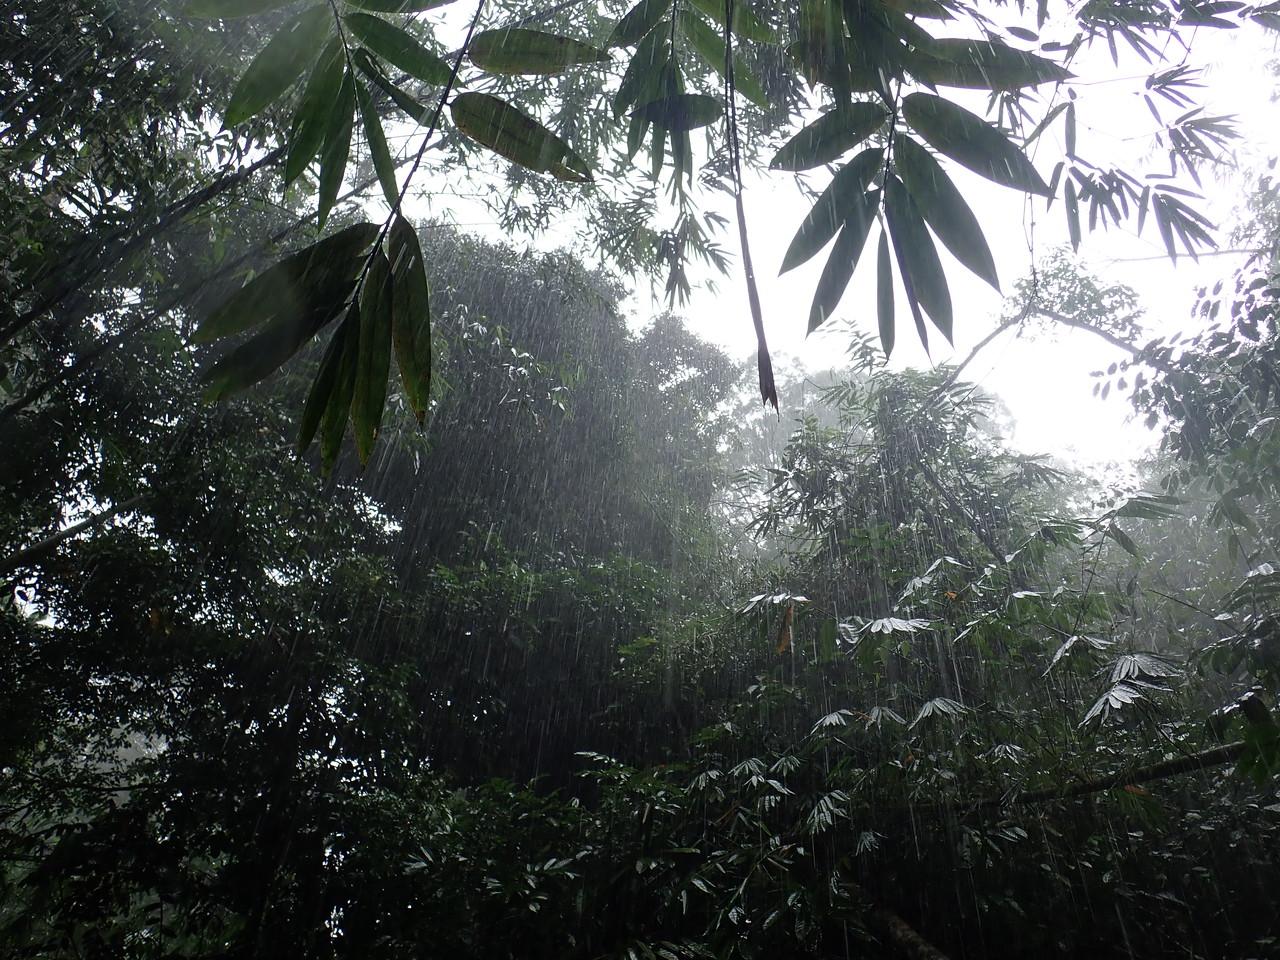 Heavy Rain in the jungle